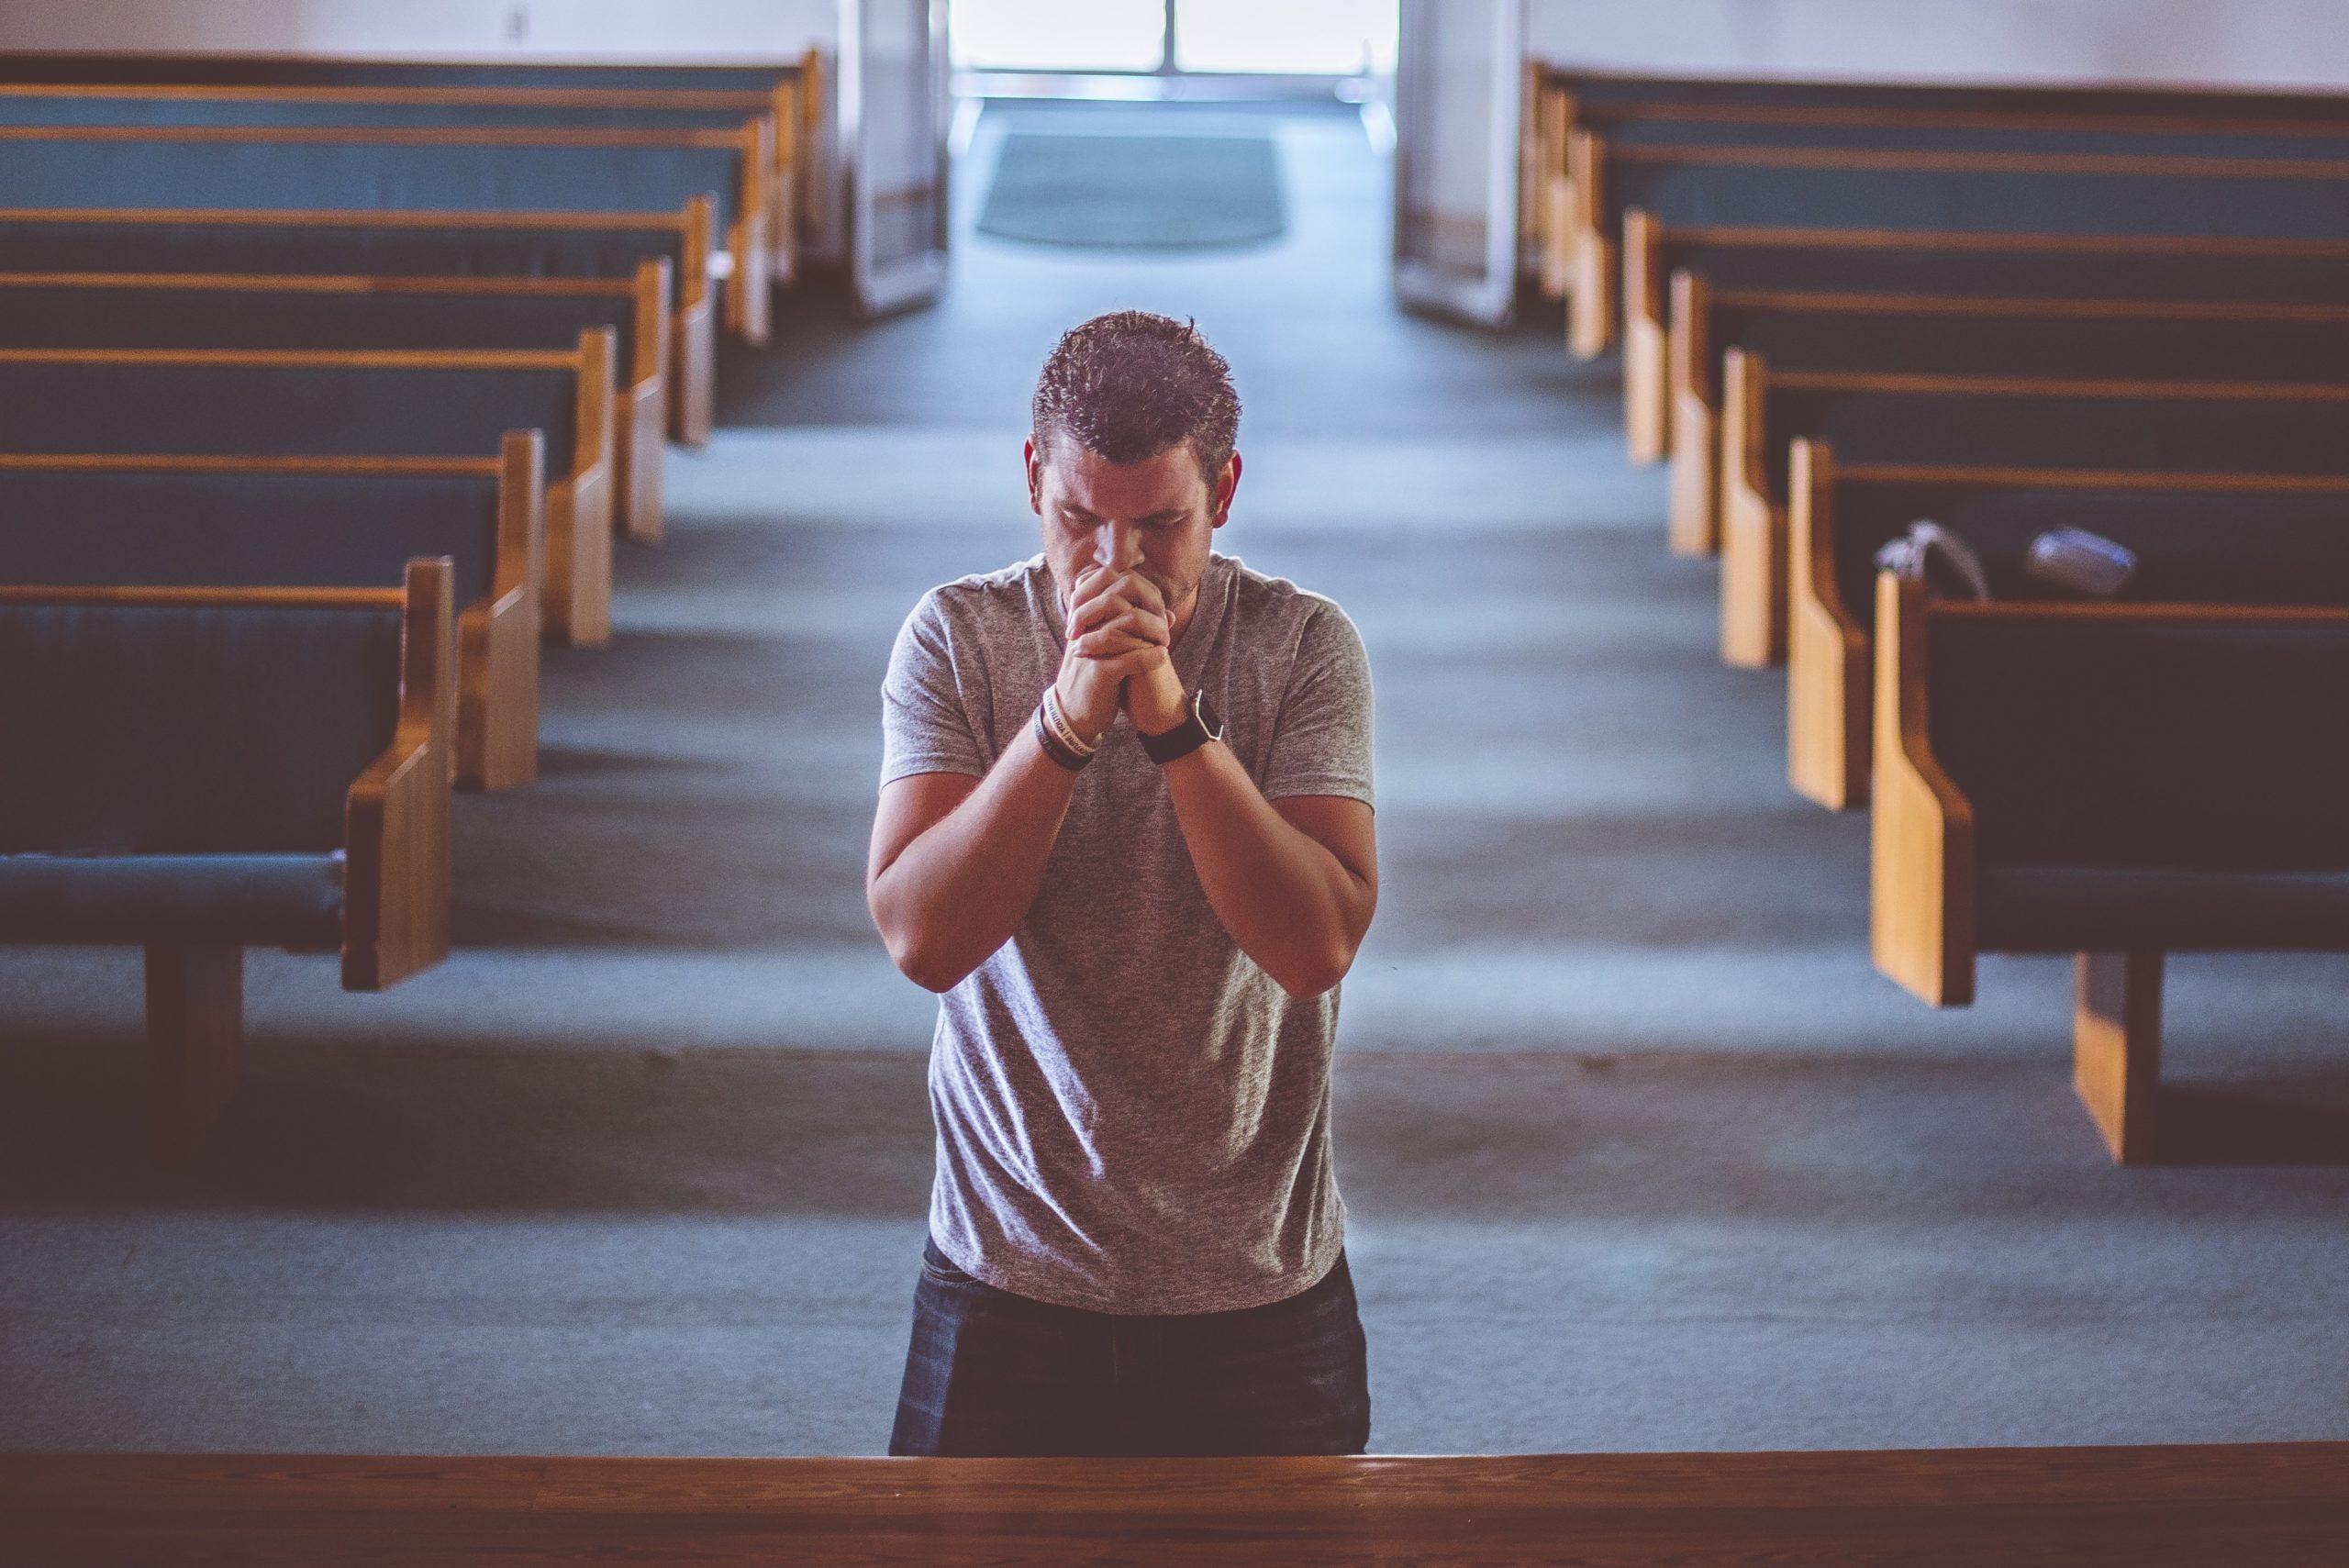 praying-2179326